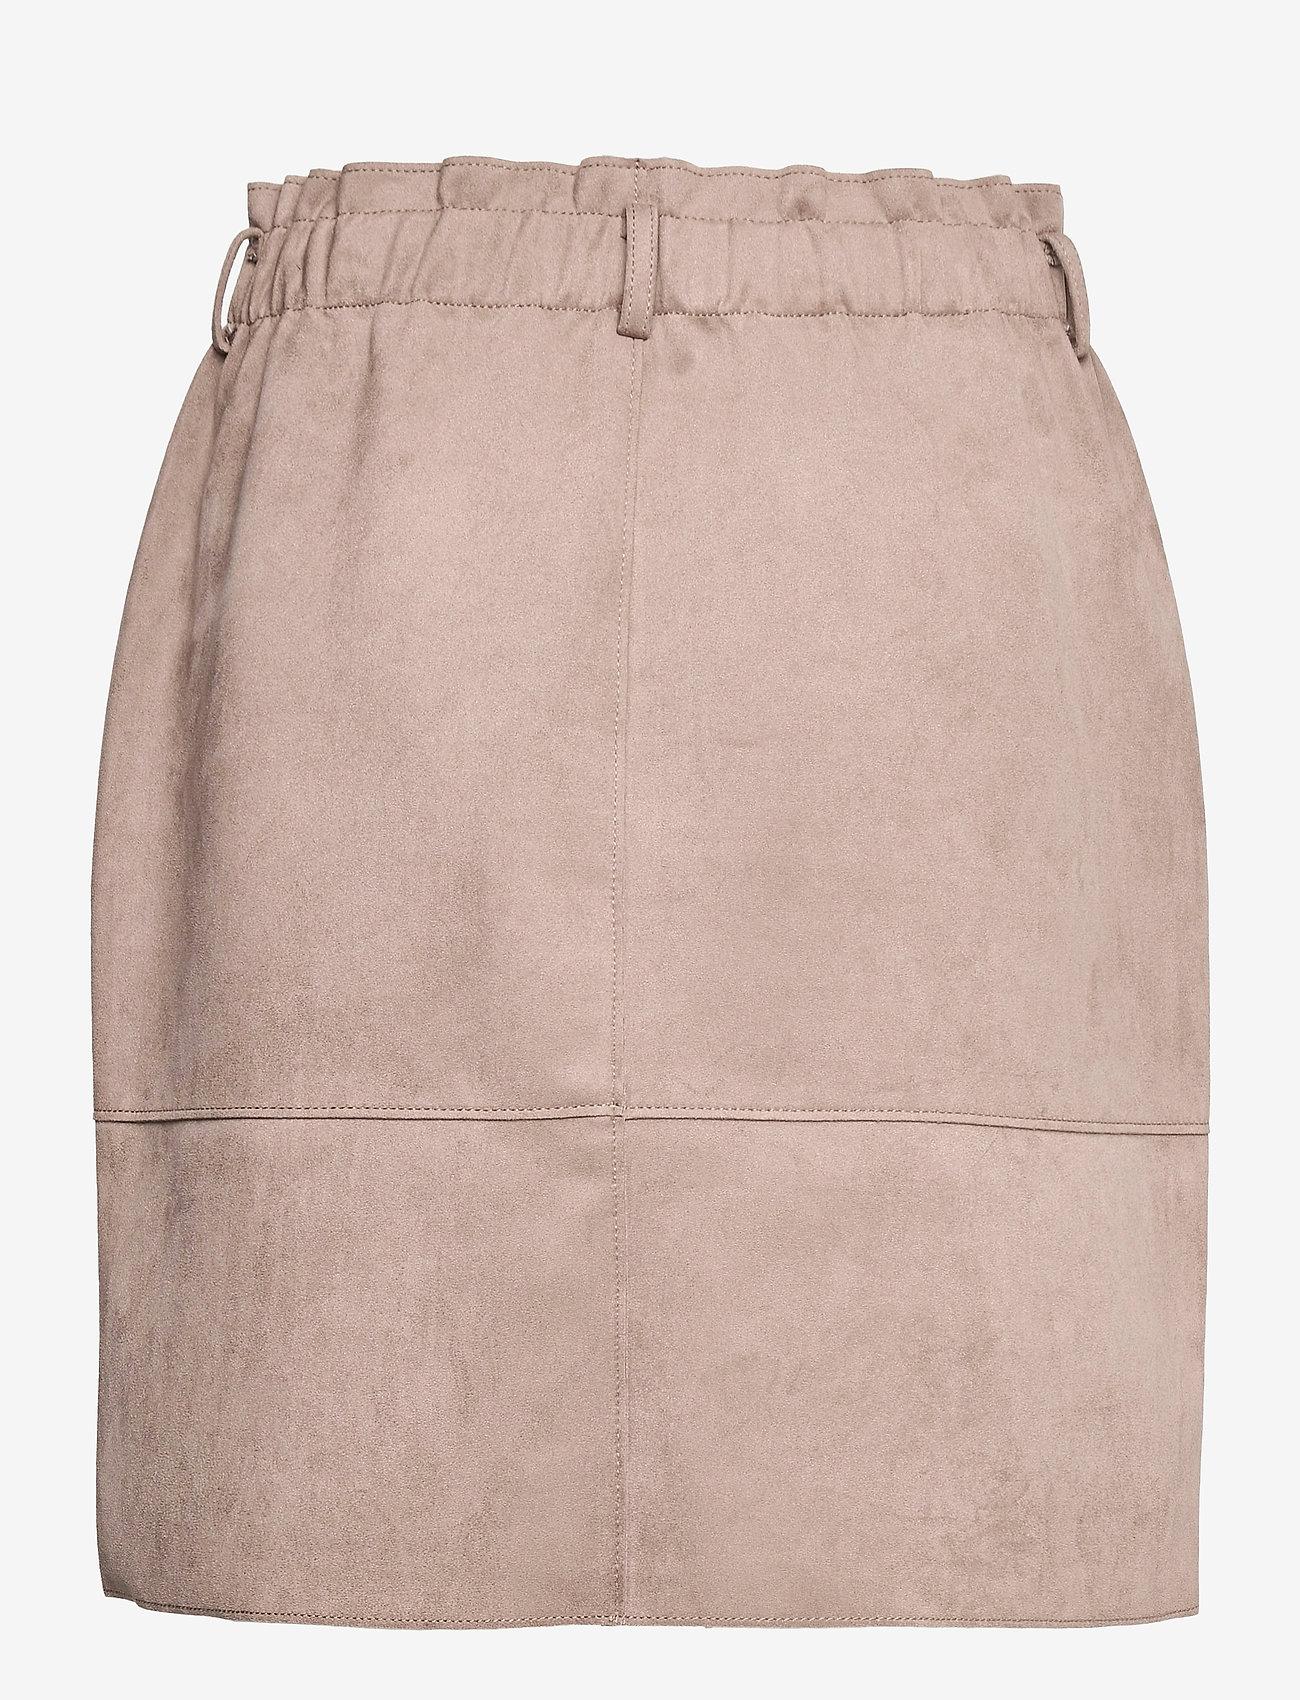 Esprit Casual - Skirts woven - korta kjolar - taupe - 1